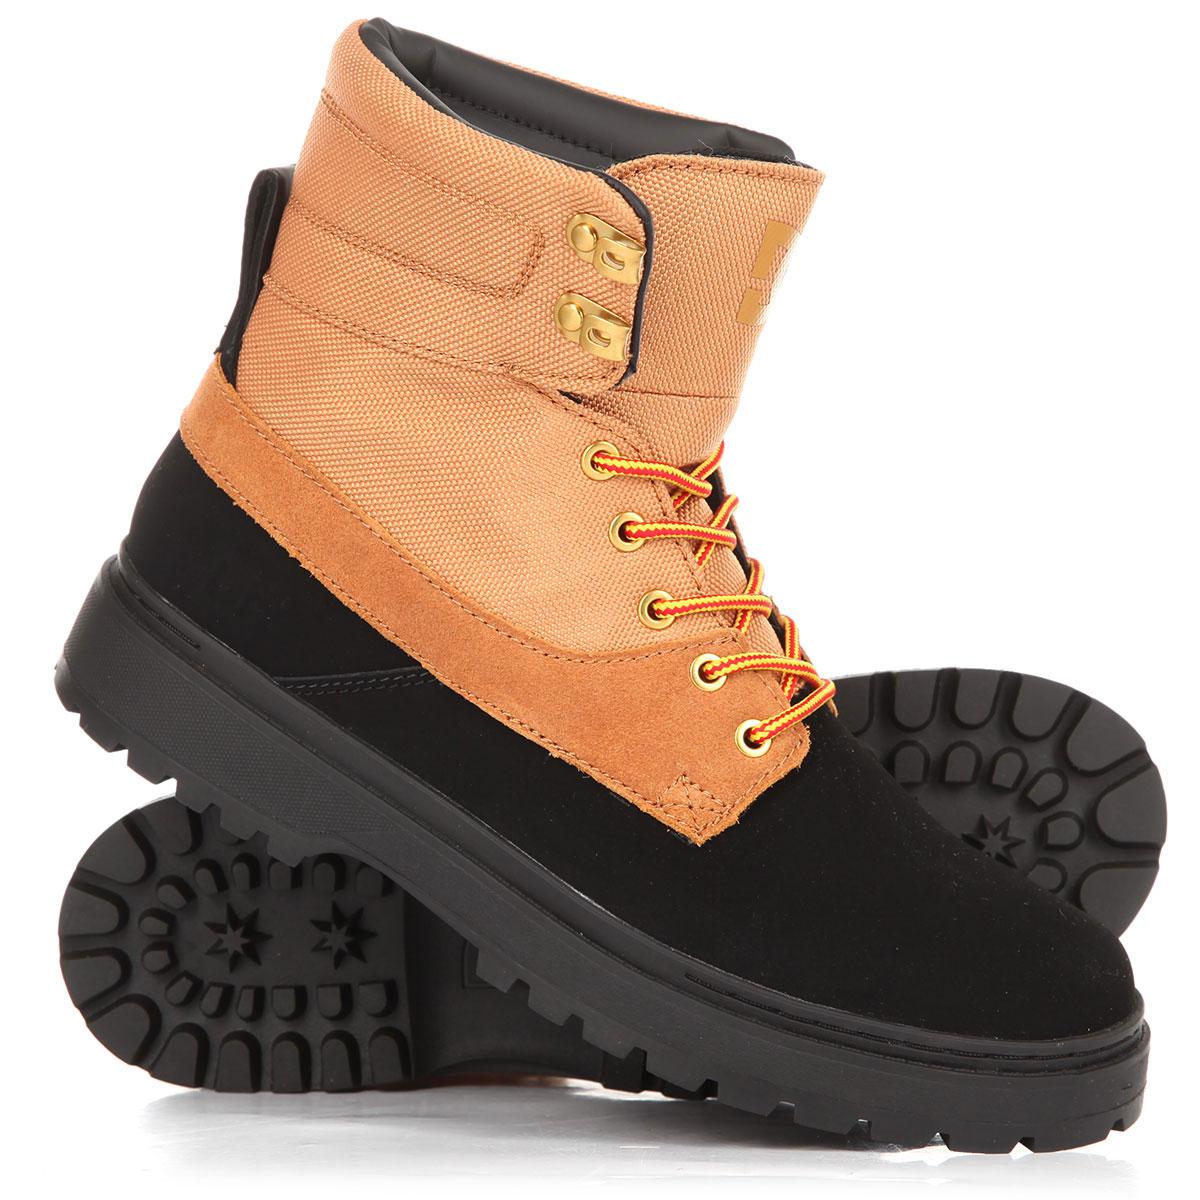 589ce7d2e931 Купить ботинки высокие DC Uncas Tr Black/Wheat (ADYB700023-KWH) в ...